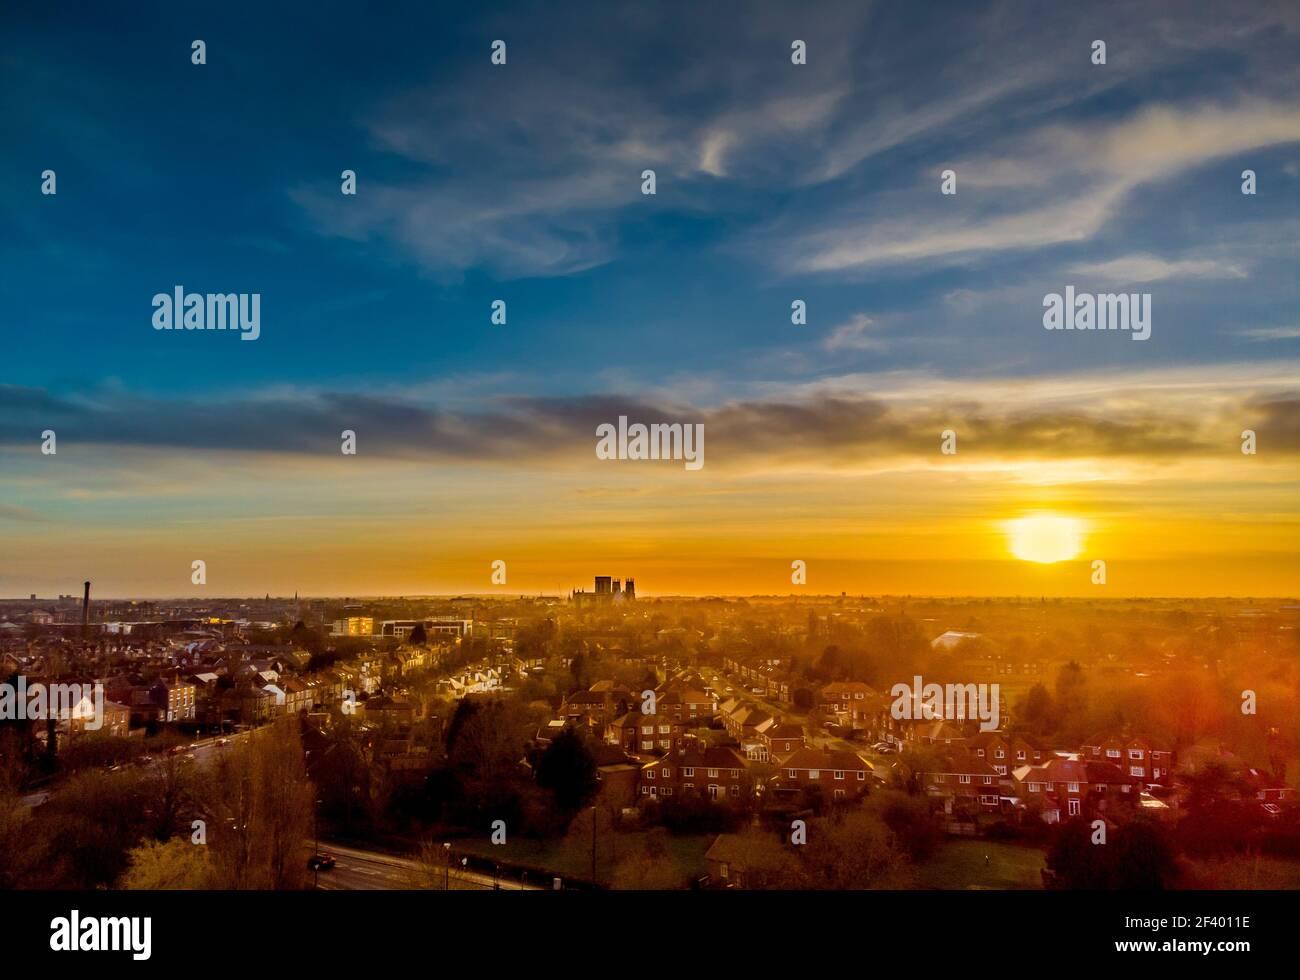 Vista aerea dello skyline di York, guardando a sud-ovest al tramonto con la cattedrale di York in lontananza. REGNO UNITO Foto Stock